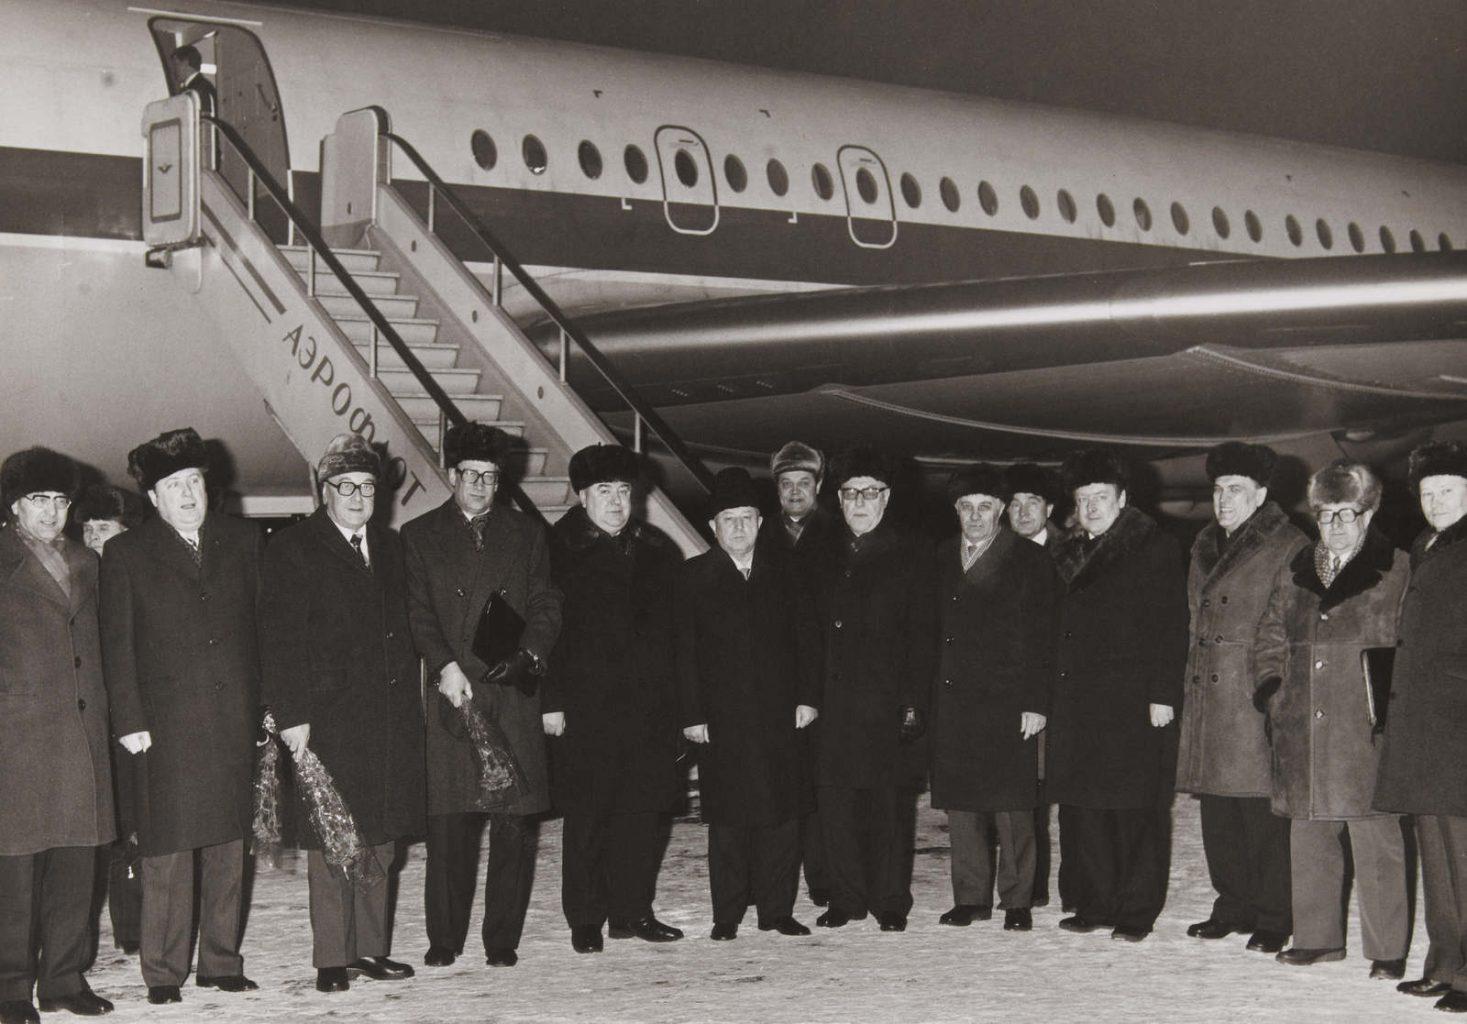 Photo unique de la visite des dirigeants de la STASI de la RDA (Général Erich MIELKE, Général Markus WOLF, etc.) à Moscou (URSS) durant l'hiver 1980. Aucun des services secrets occidentaux n'avait réussi à photographier Markus WOLF (connu sous le nom de